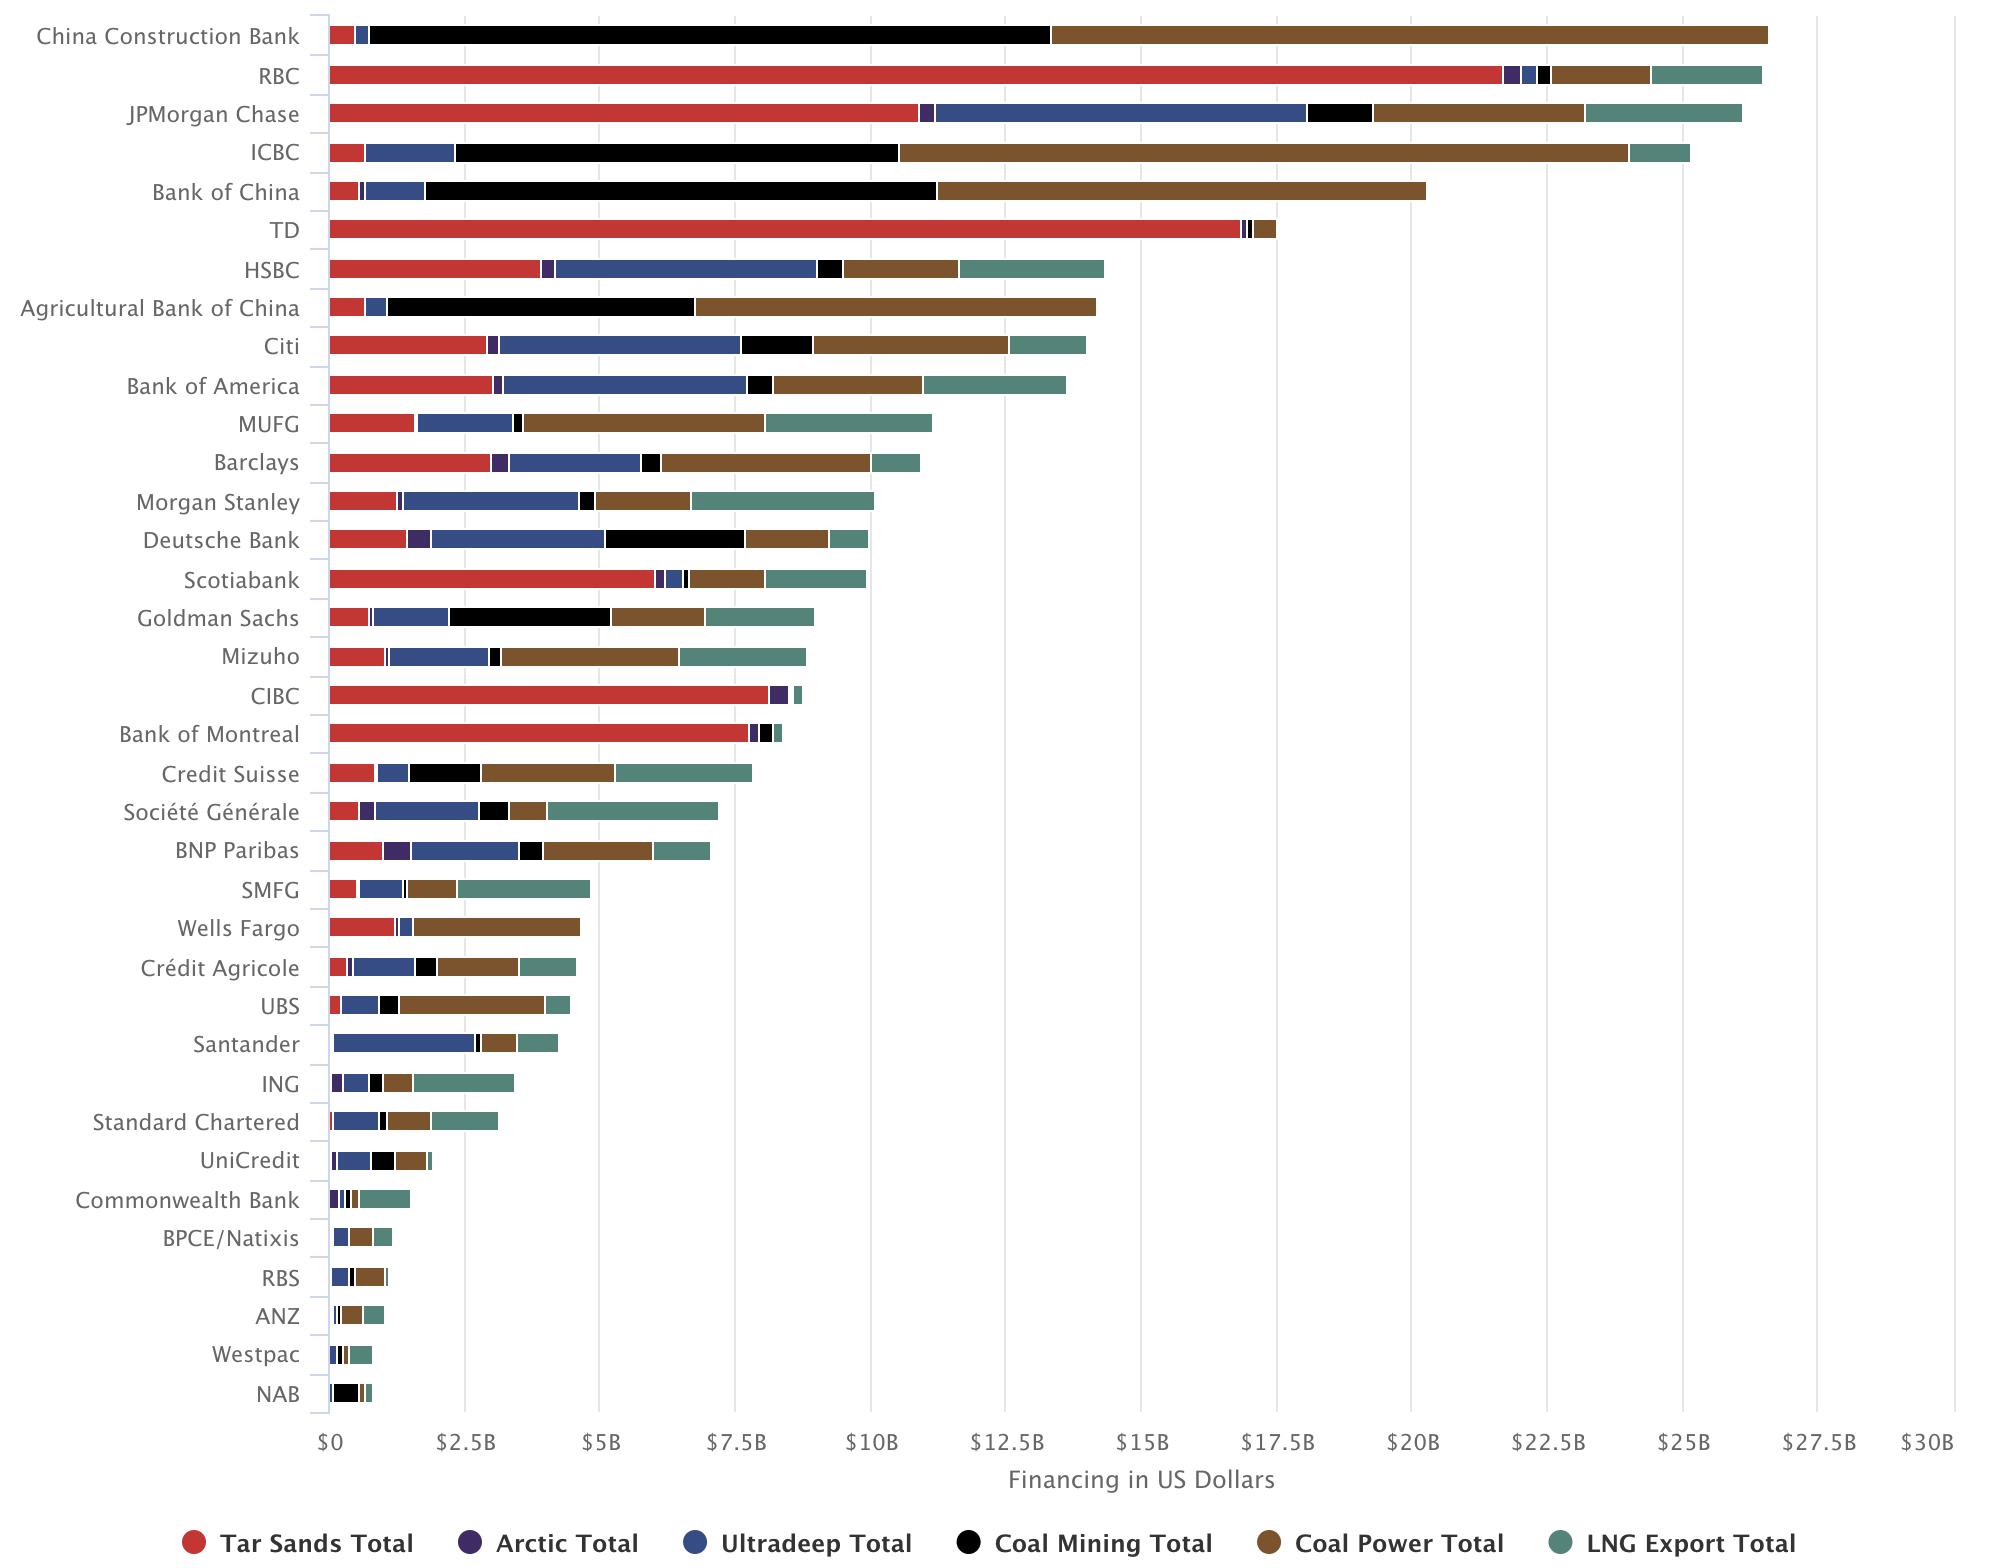 【国際】環境NGO、世界主要銀行の2018年化石燃料融資状況報告書発表。メガバンク3行ほぼ最下位 2